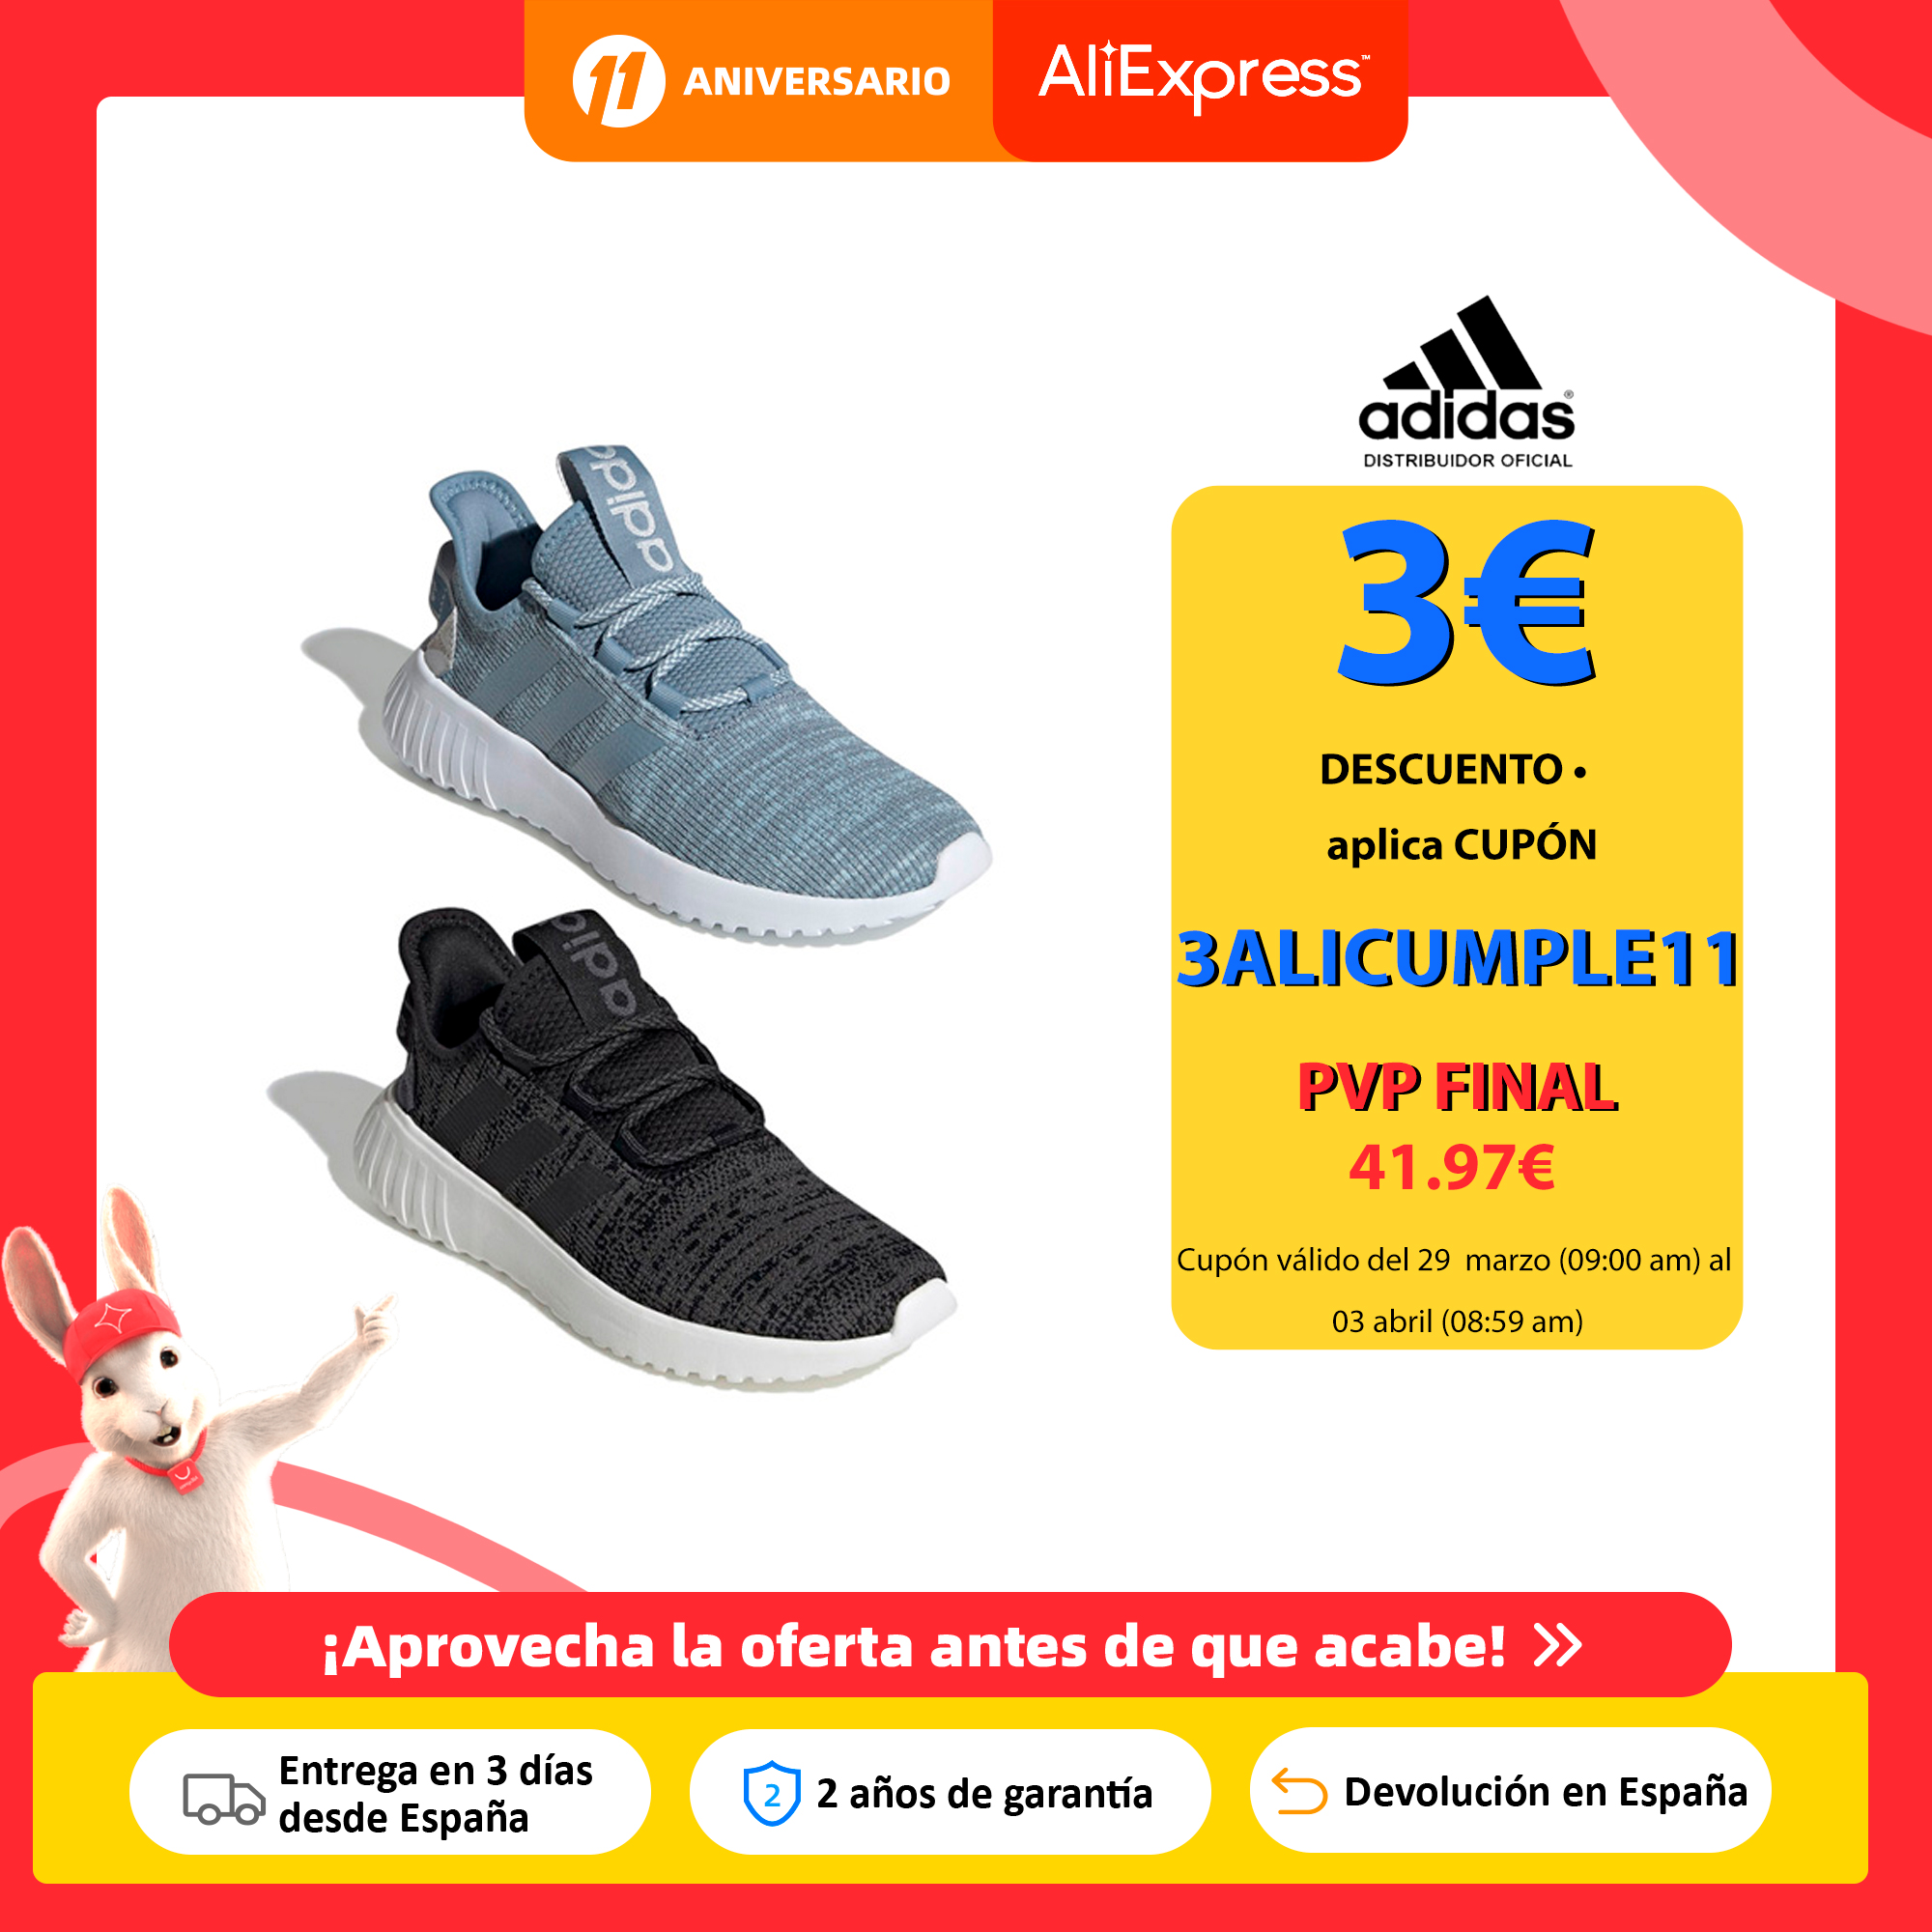 Adidas Kaptir X, Zapatillas Running Unisex, Cierre con Cordones, Parte Superior Texil, Plantilla Cloudfoam Comfort NUEVO Zapatos vulcanizados de mujer  - AliExpress